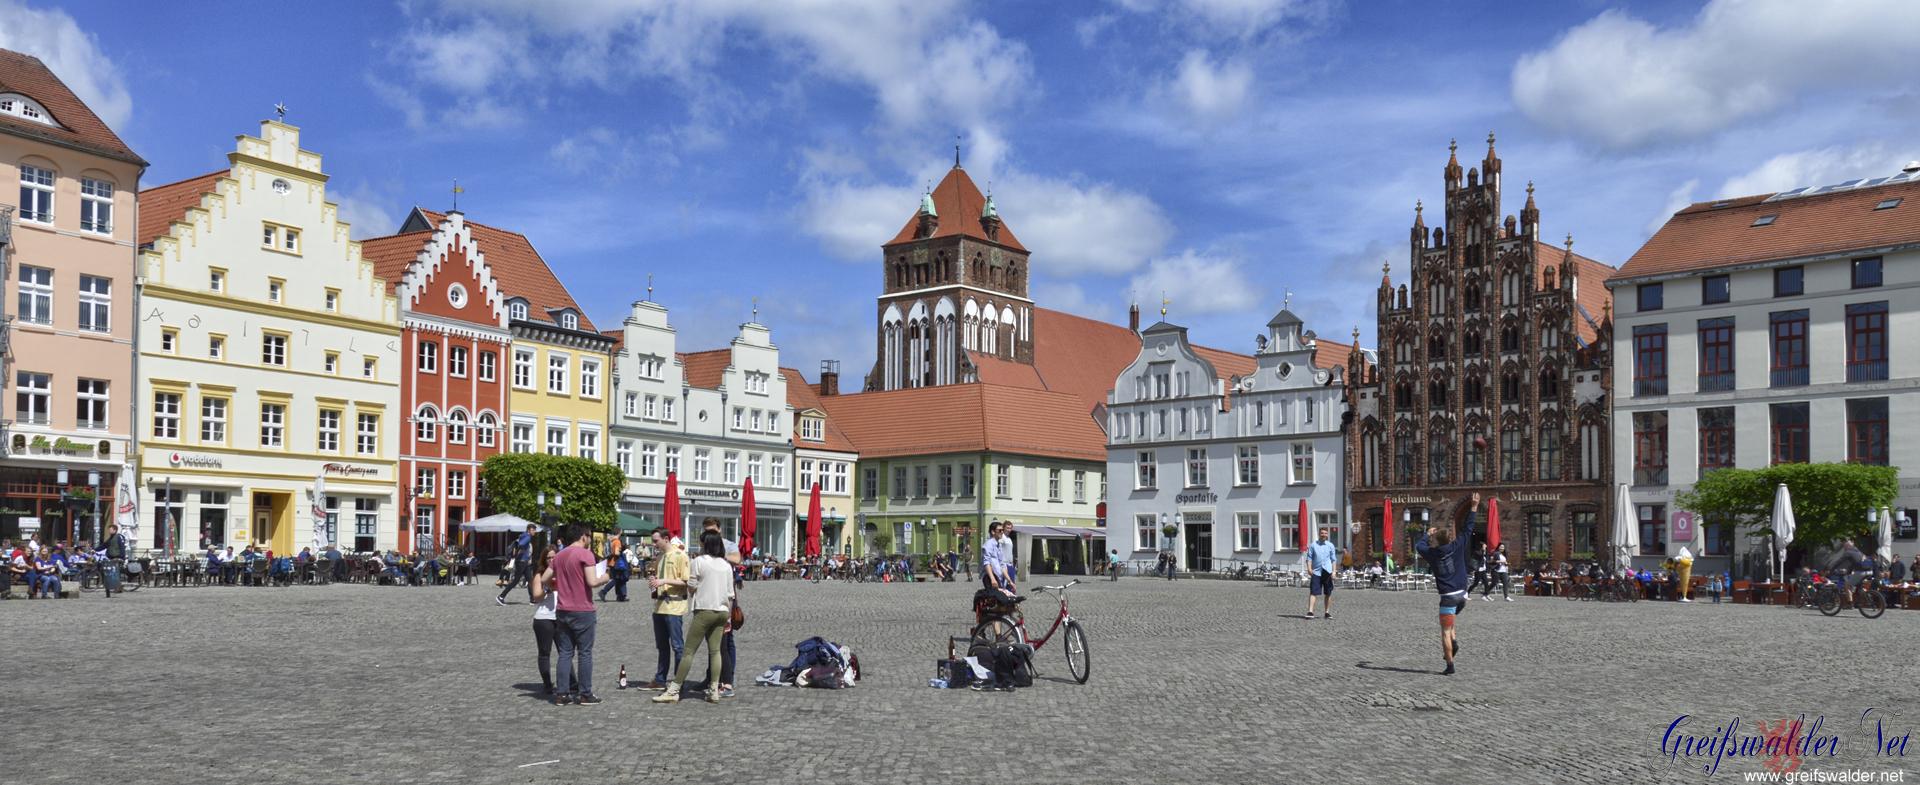 Herrentag auf dem Marktplatz in Greifswald